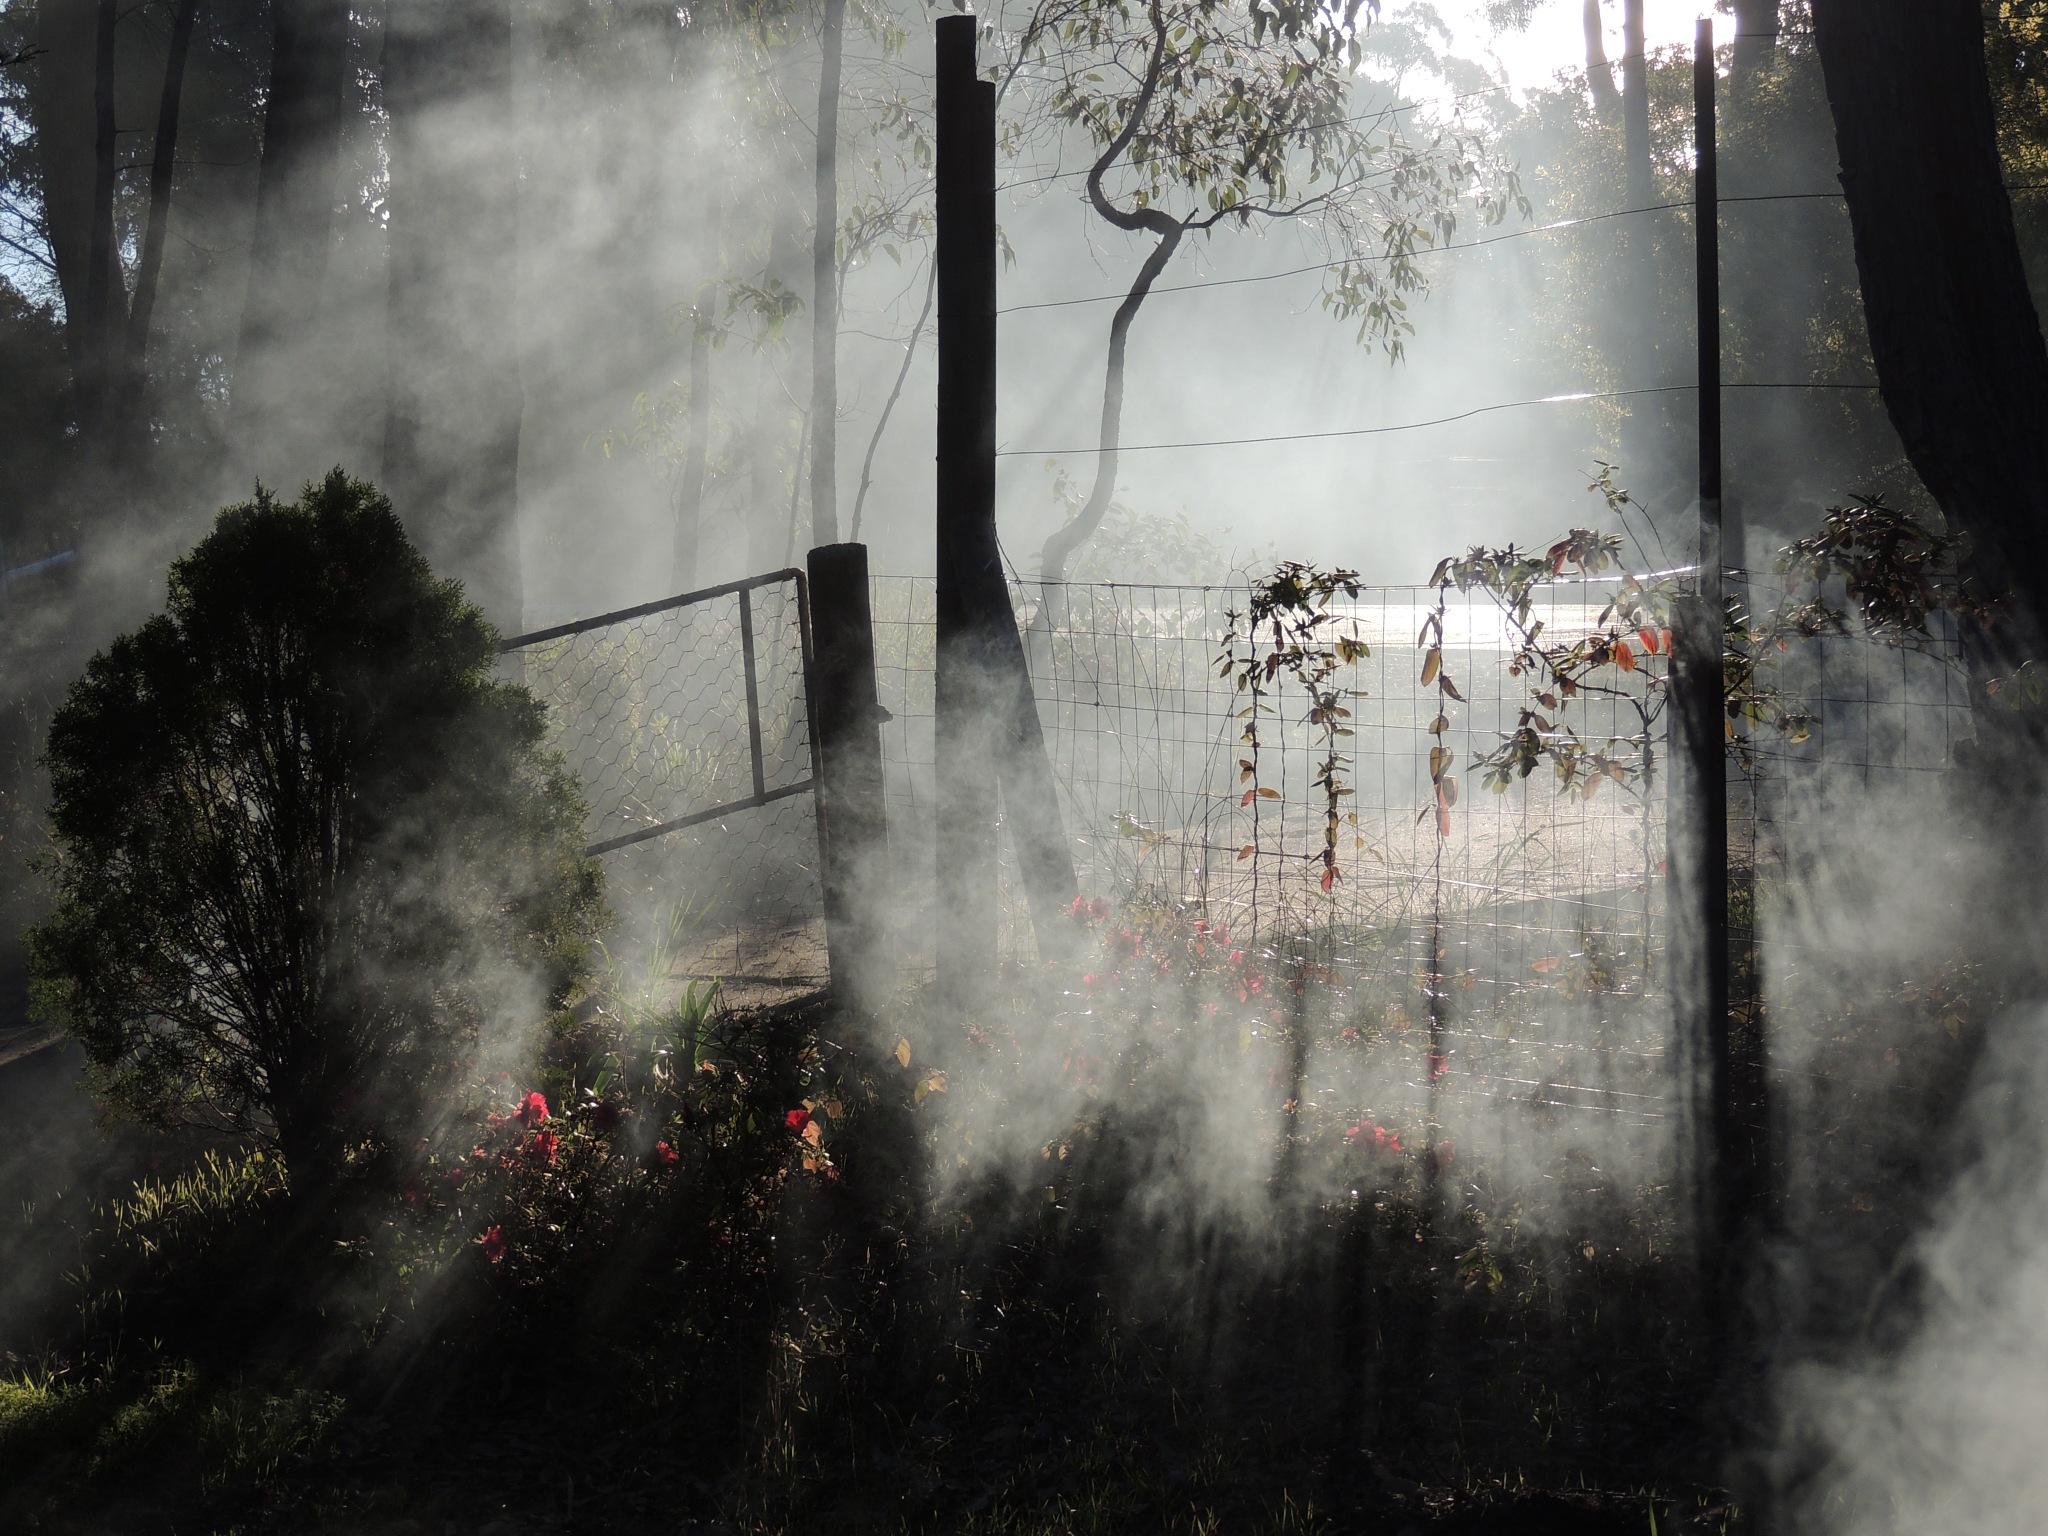 X043 Morning mist by Jeremy Holton